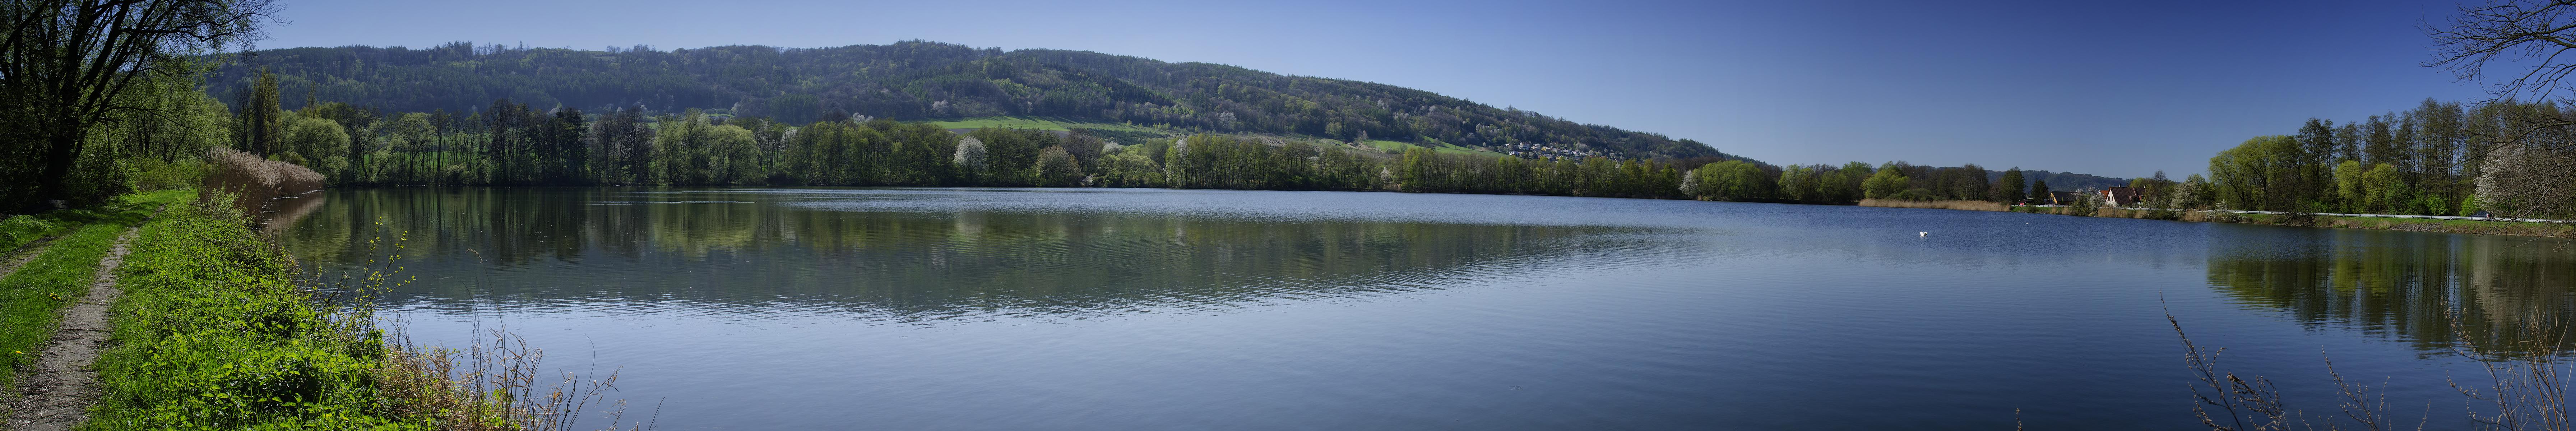 Rybník u obce Odry